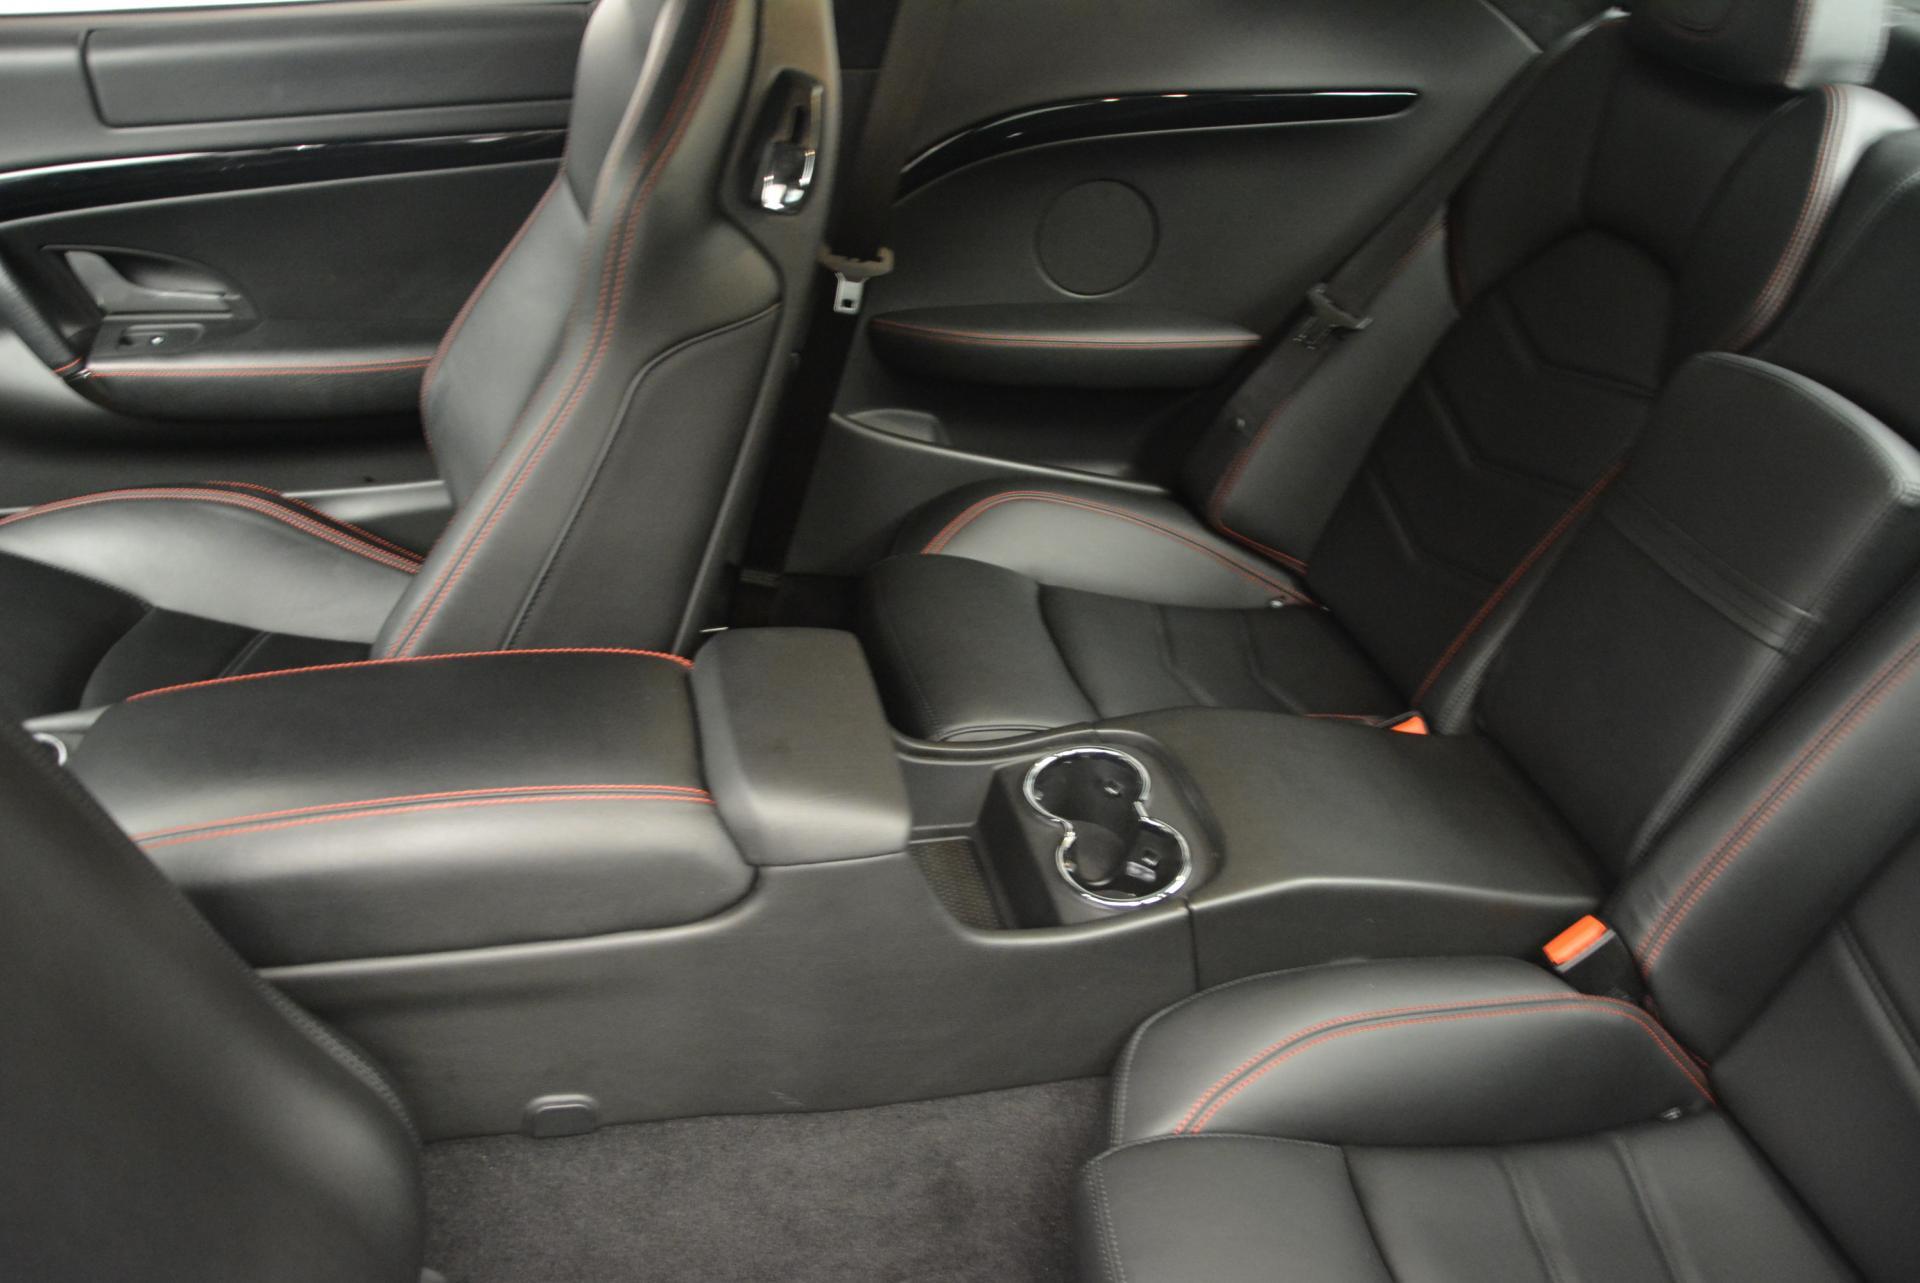 Used 2013 Maserati GranTurismo Sport For Sale In Greenwich, CT. Alfa Romeo of Greenwich, 1264 46_p16